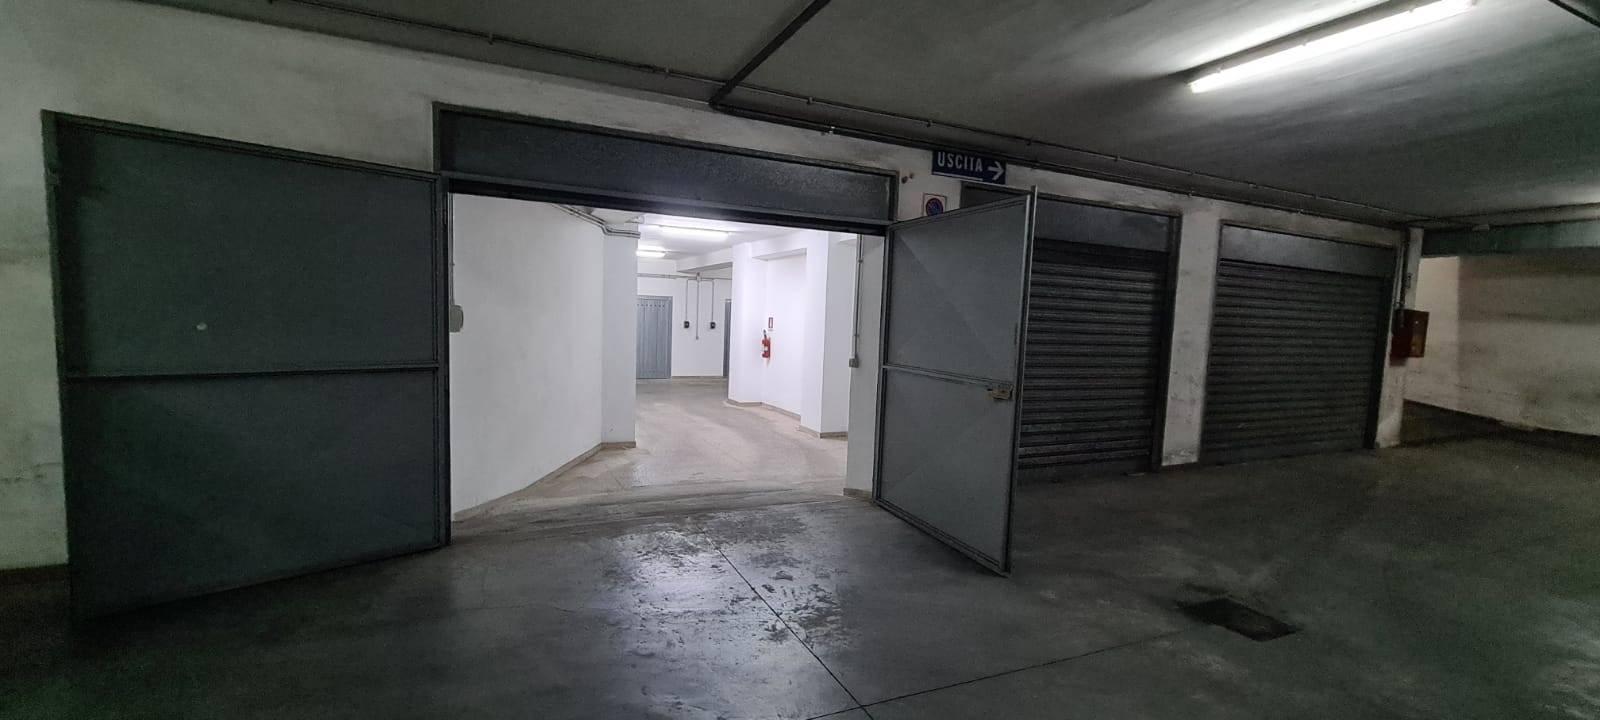 Box / Garage in vendita a Martina Franca, 1 locali, prezzo € 35.000 | CambioCasa.it